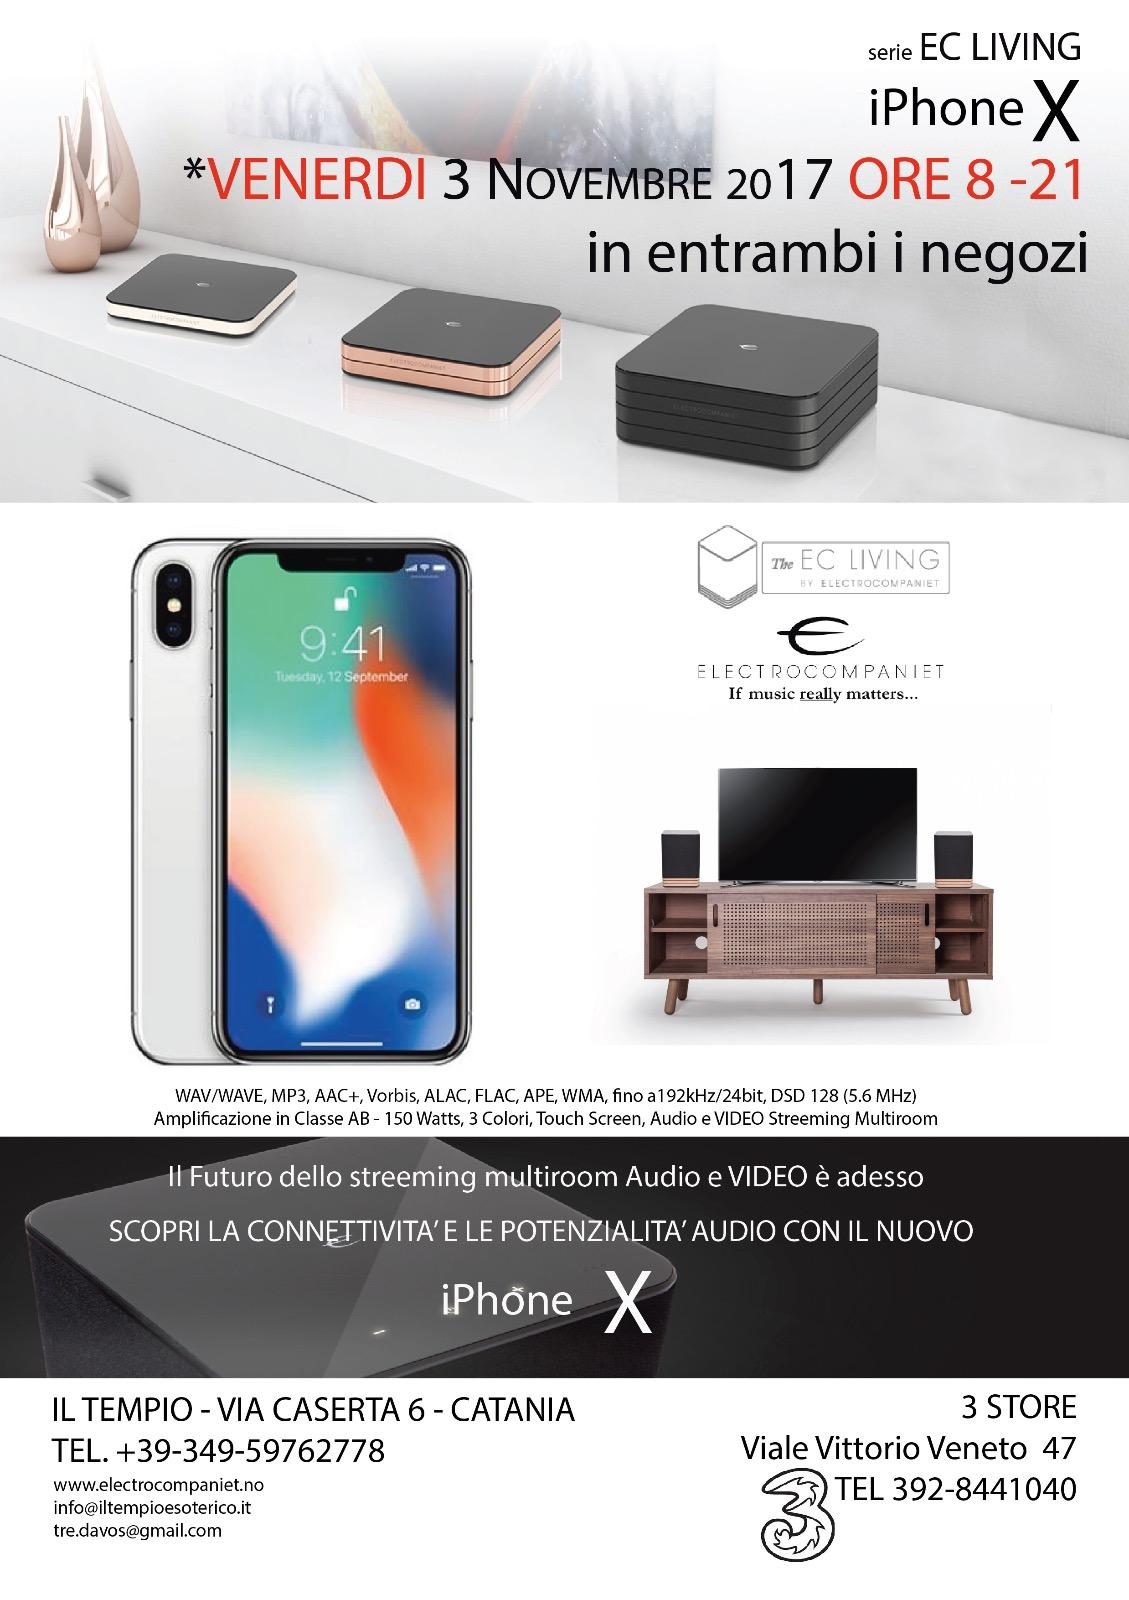 EC Living e iPhone X il 3 novembre presso Il Tempio Esoterico